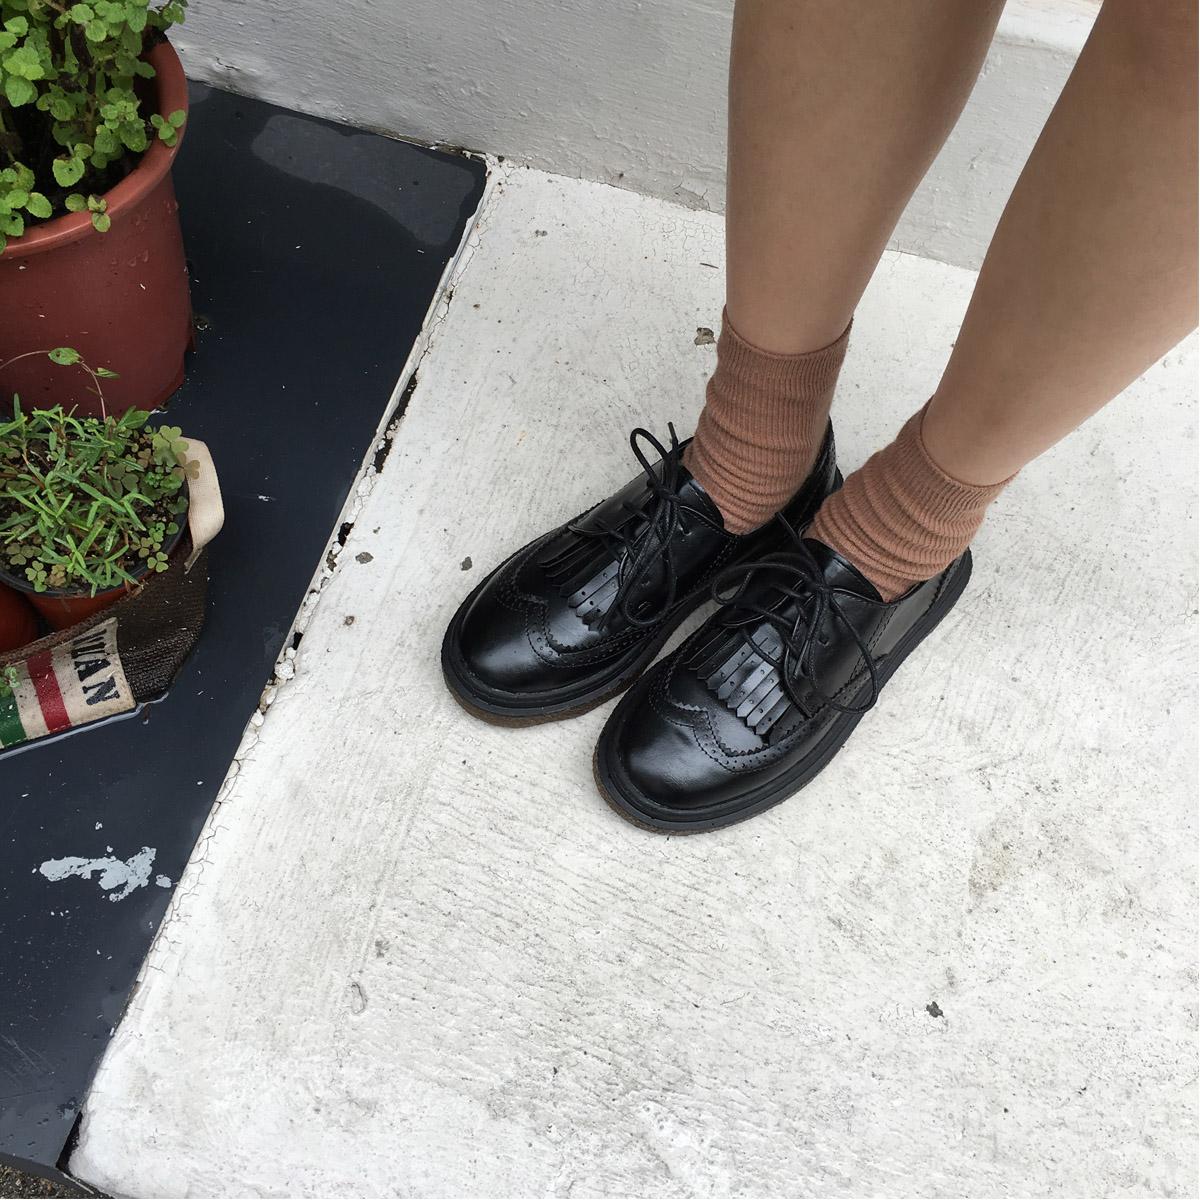 陸小團團 韓國新款氣質復古單鞋鏤空鉤花黑色小皮鞋平底鞋女秋。